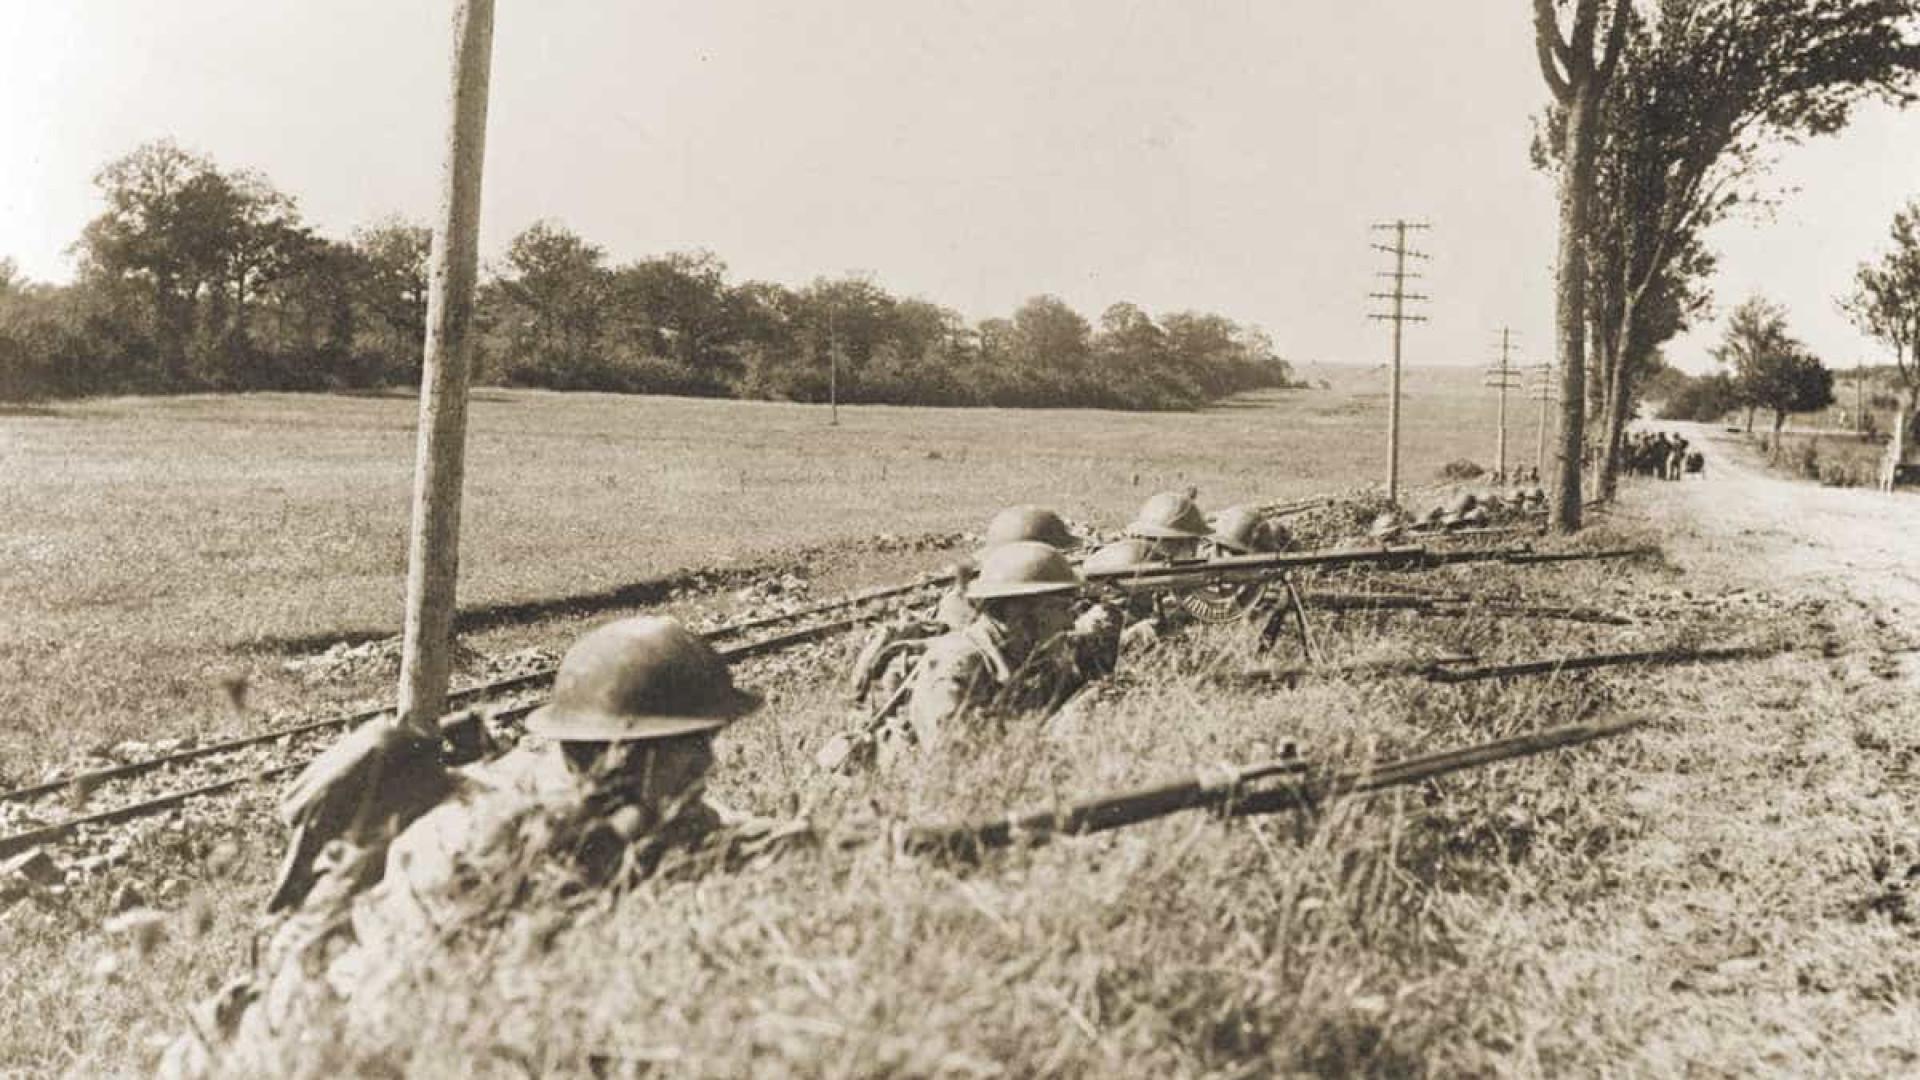 Encerrada há um século, Primeira Guerra extinguiu impérios